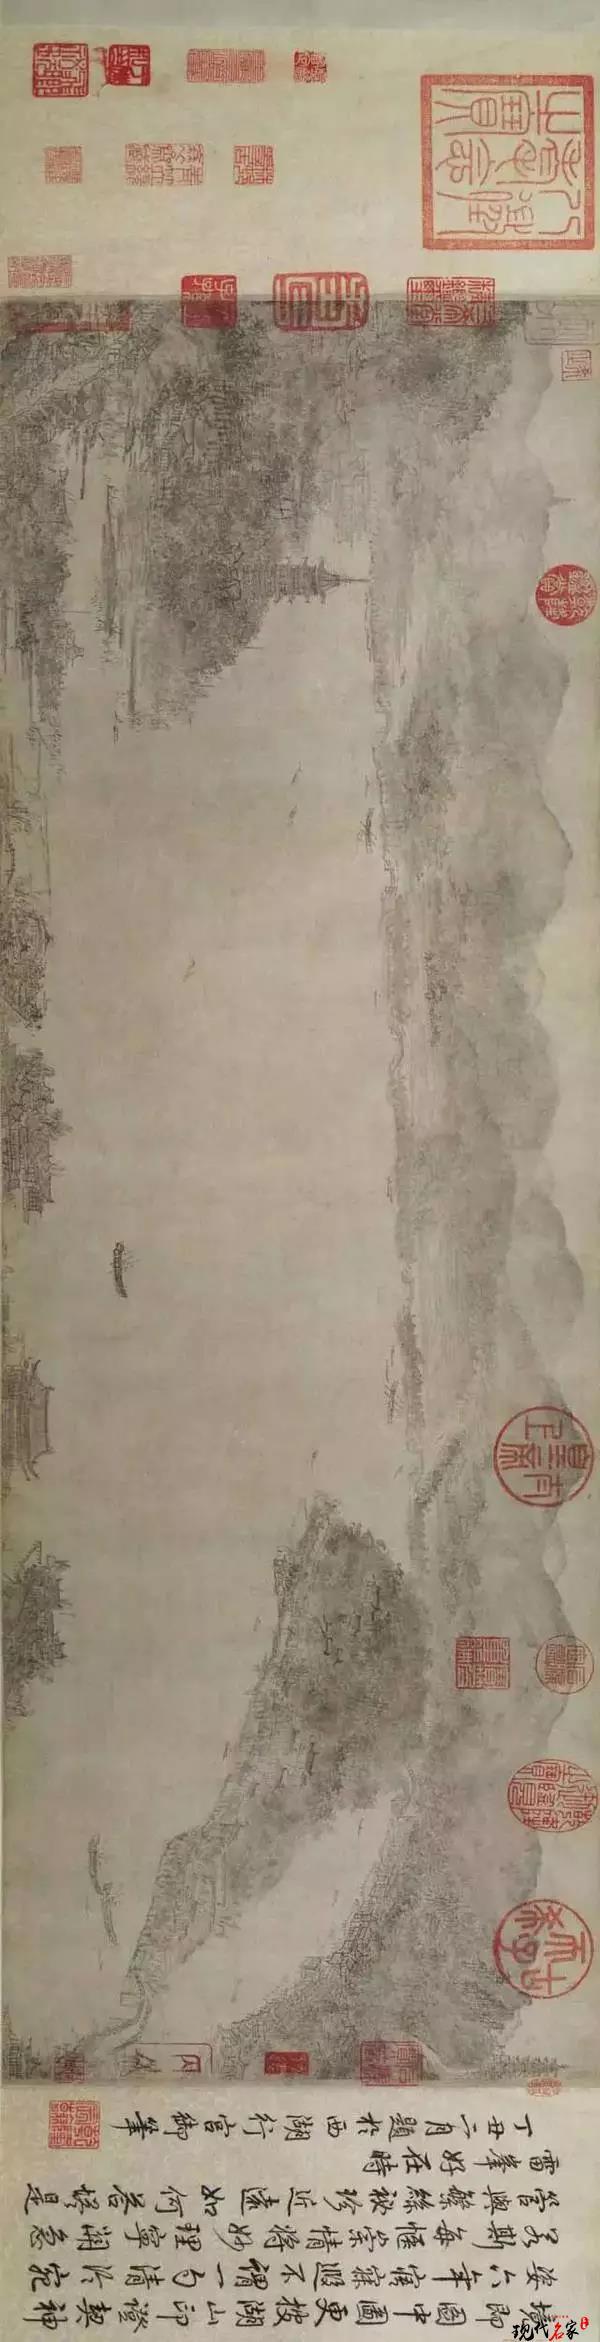 通过眼观宋画就知道我们和中国传统距离越来越远了!-第2张